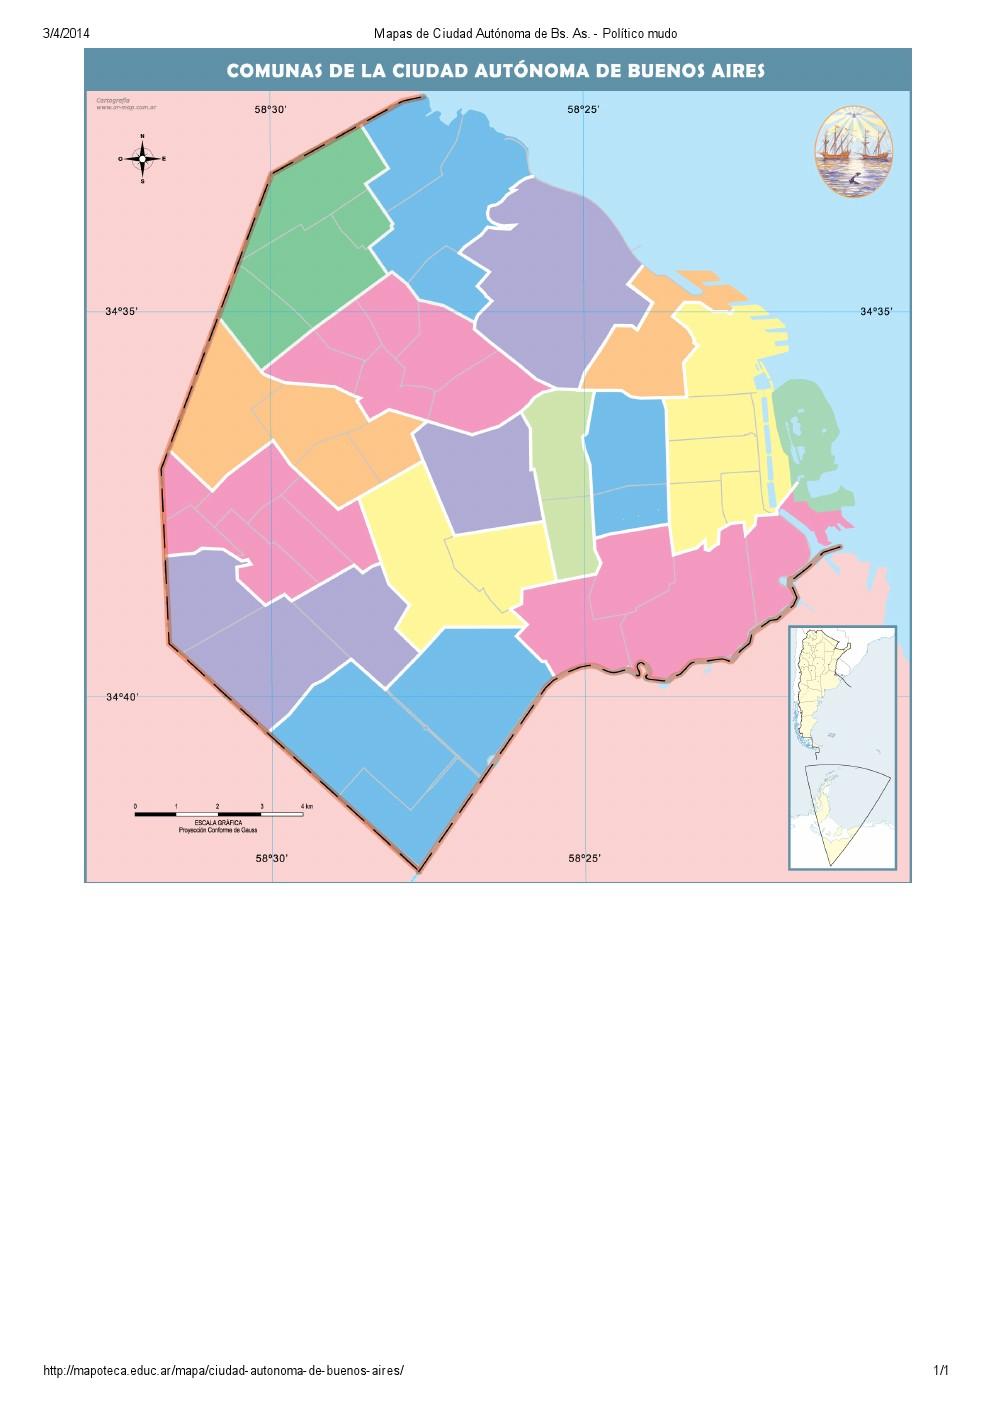 Mapa mudo de comunas de la ciudad de Buenos Aires. Mapoteca de Educ.ar